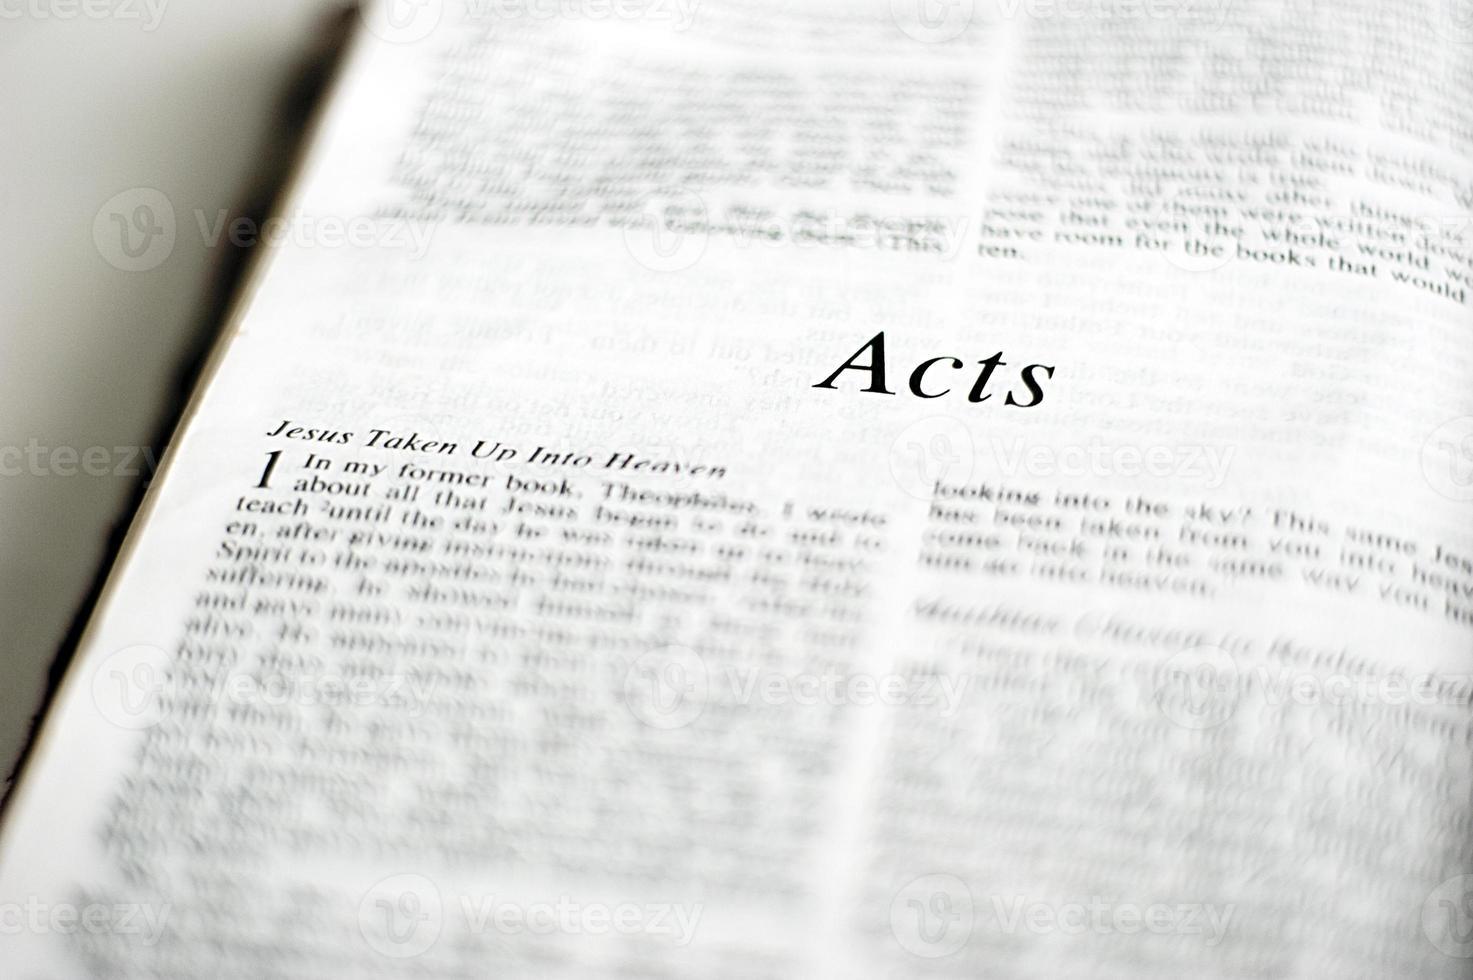 Buch der Taten in der Bibel foto